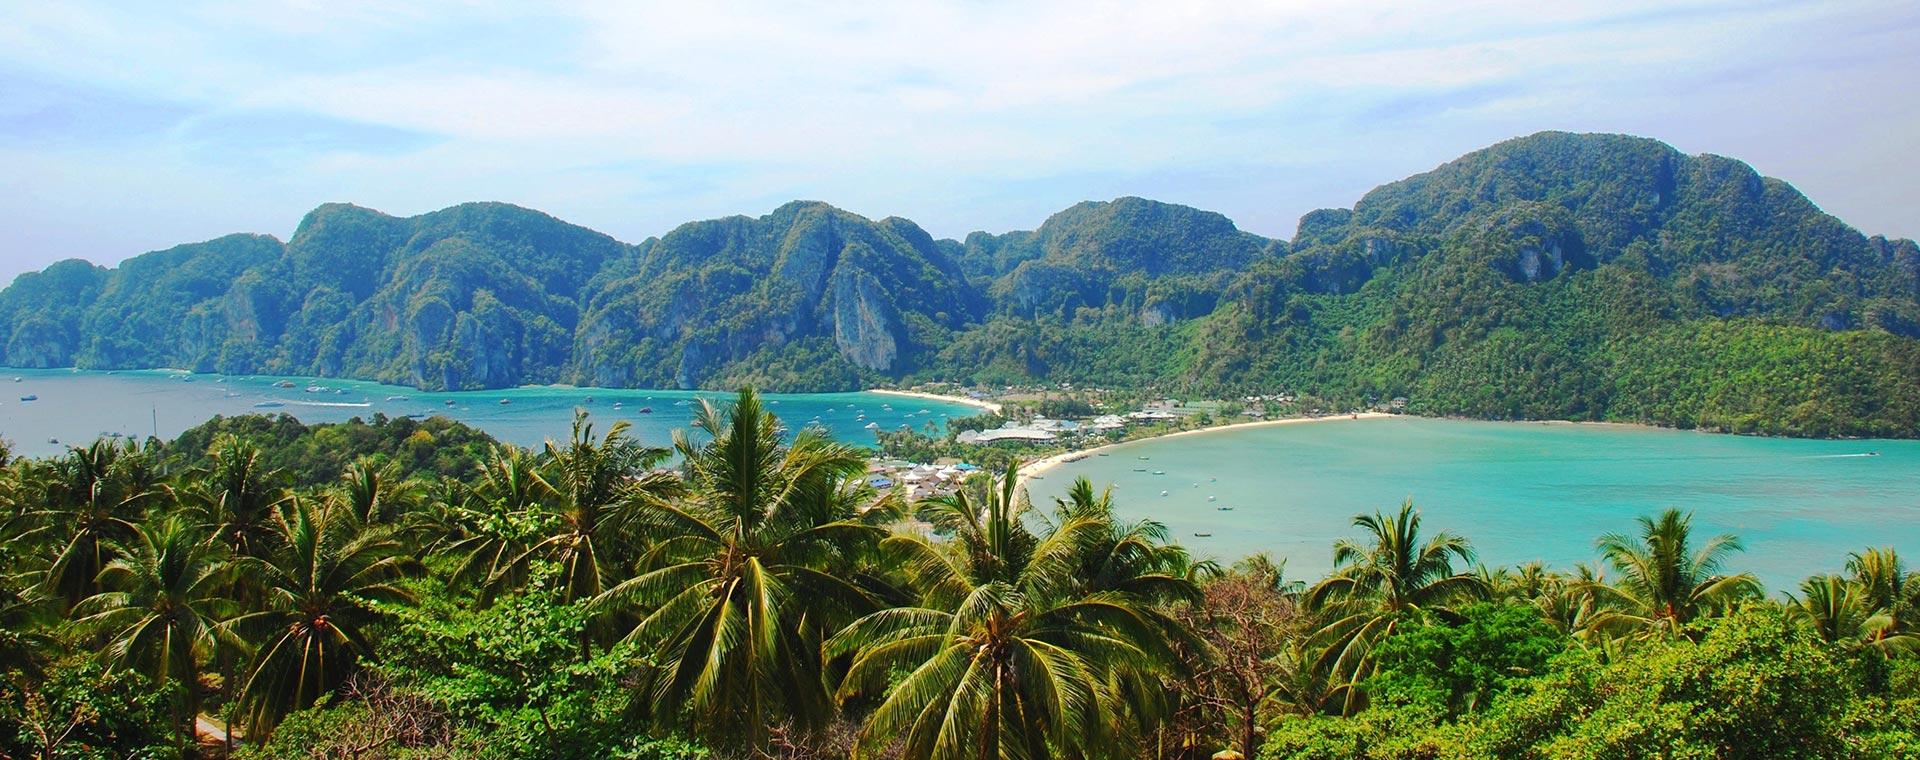 Plages & îles de rêve